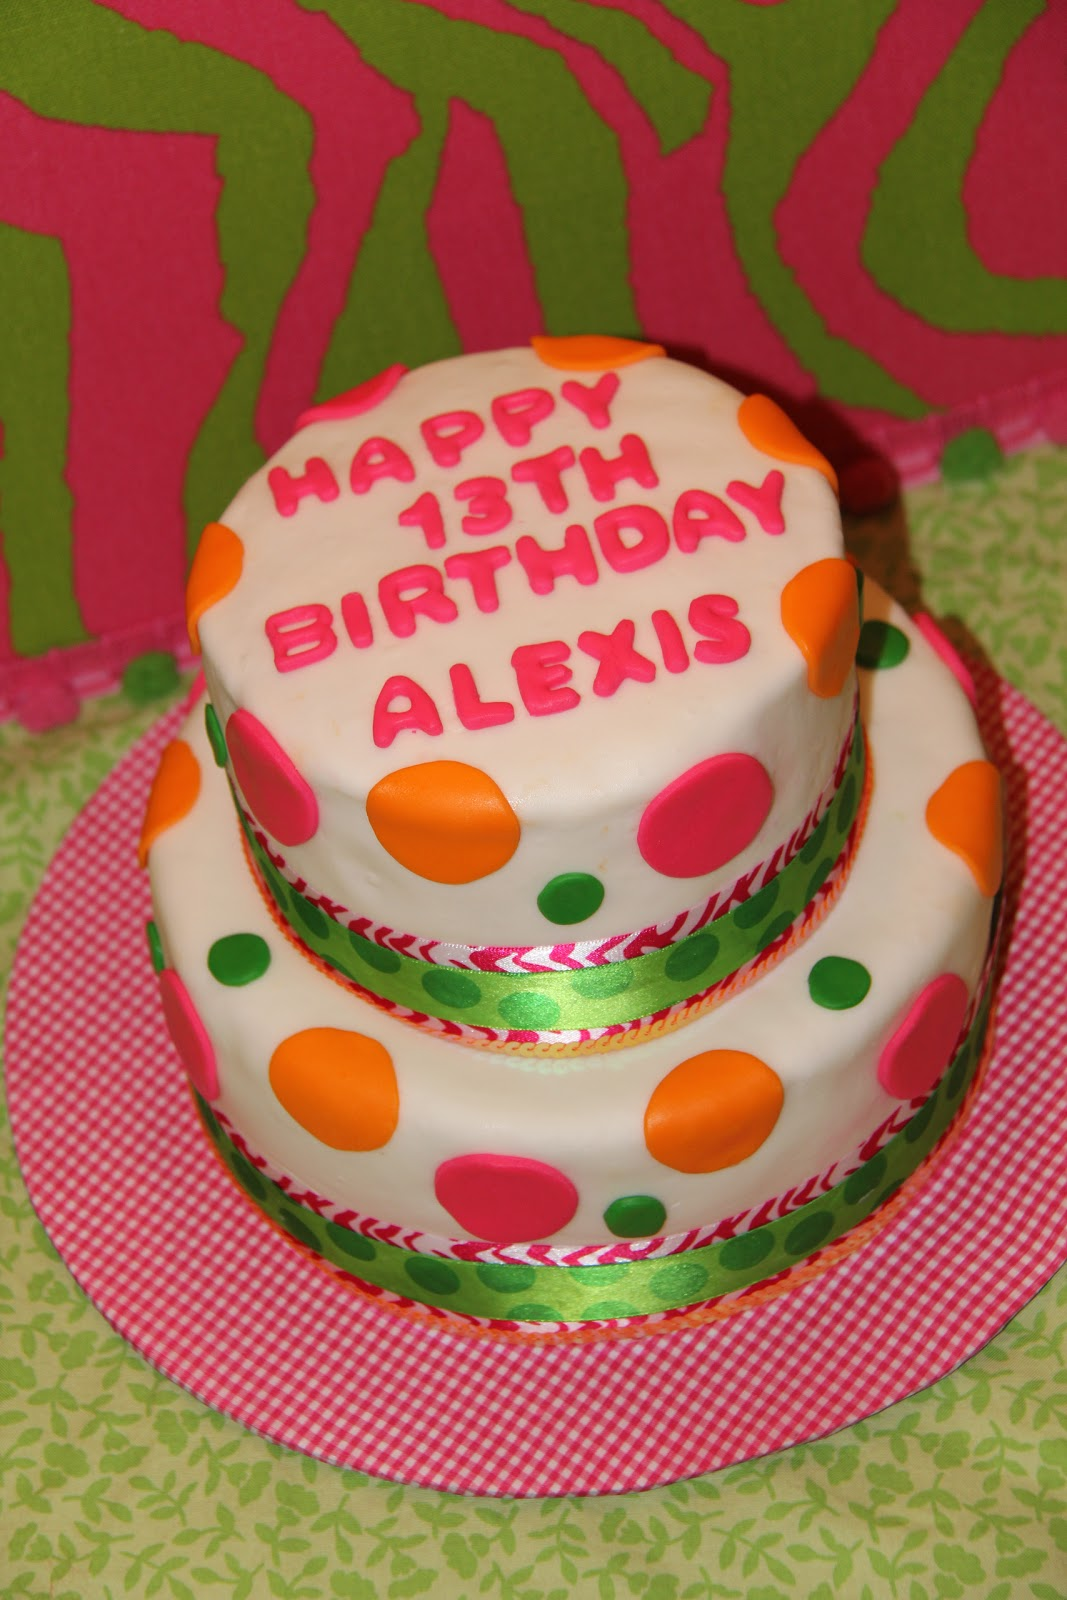 Happy Th Birthday Alexis Cake